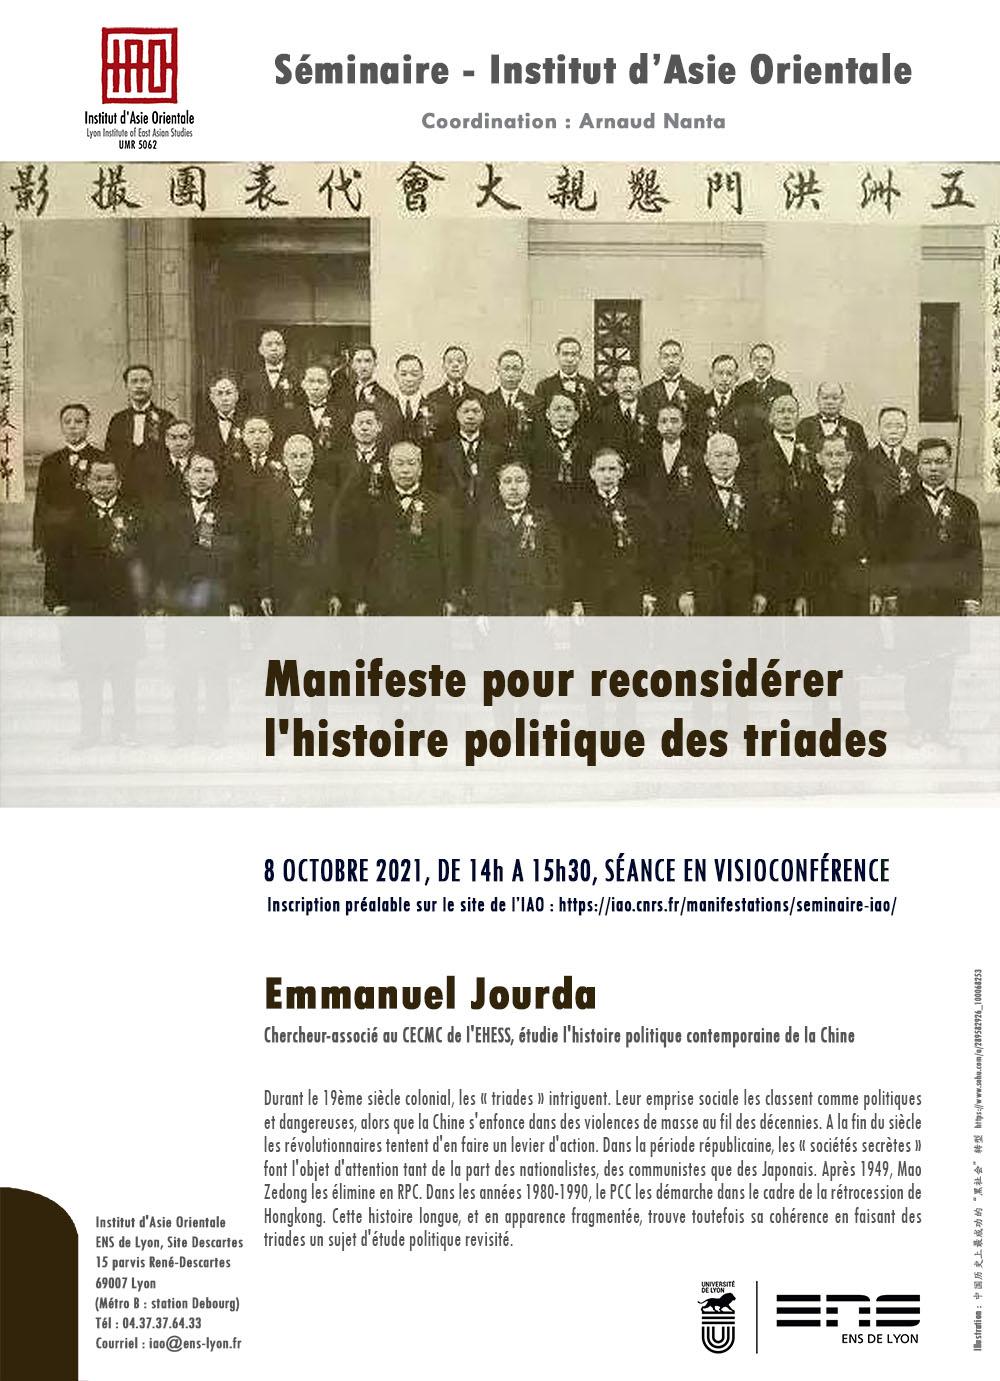 Séminaire de l'IAO. « Manifeste pour reconsidérer l'histoire politique des triades »